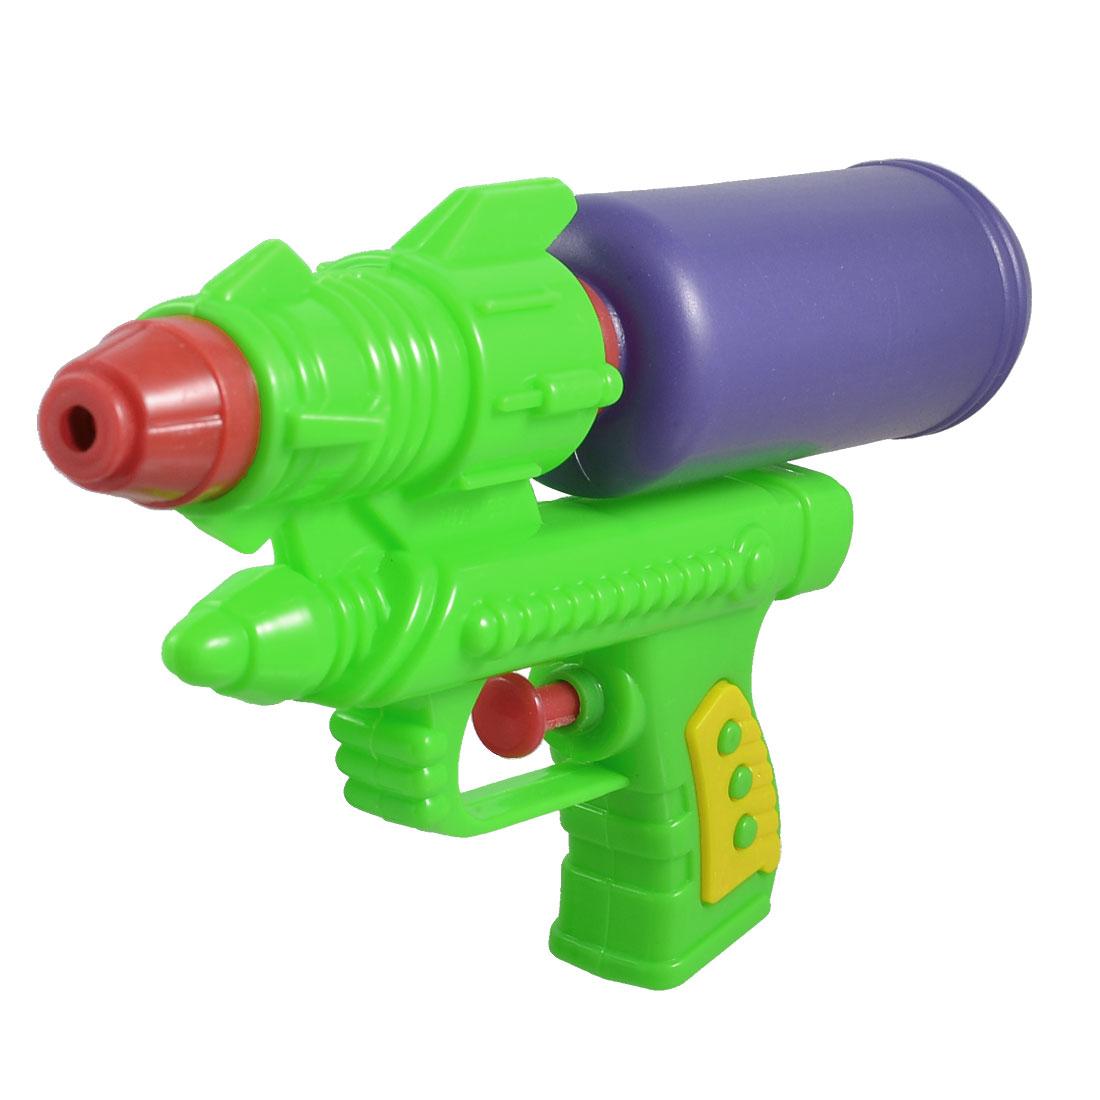 Plastic-Squirt-Water-Spray-Gun-Fight-Toy-Green-Purple-for-Children